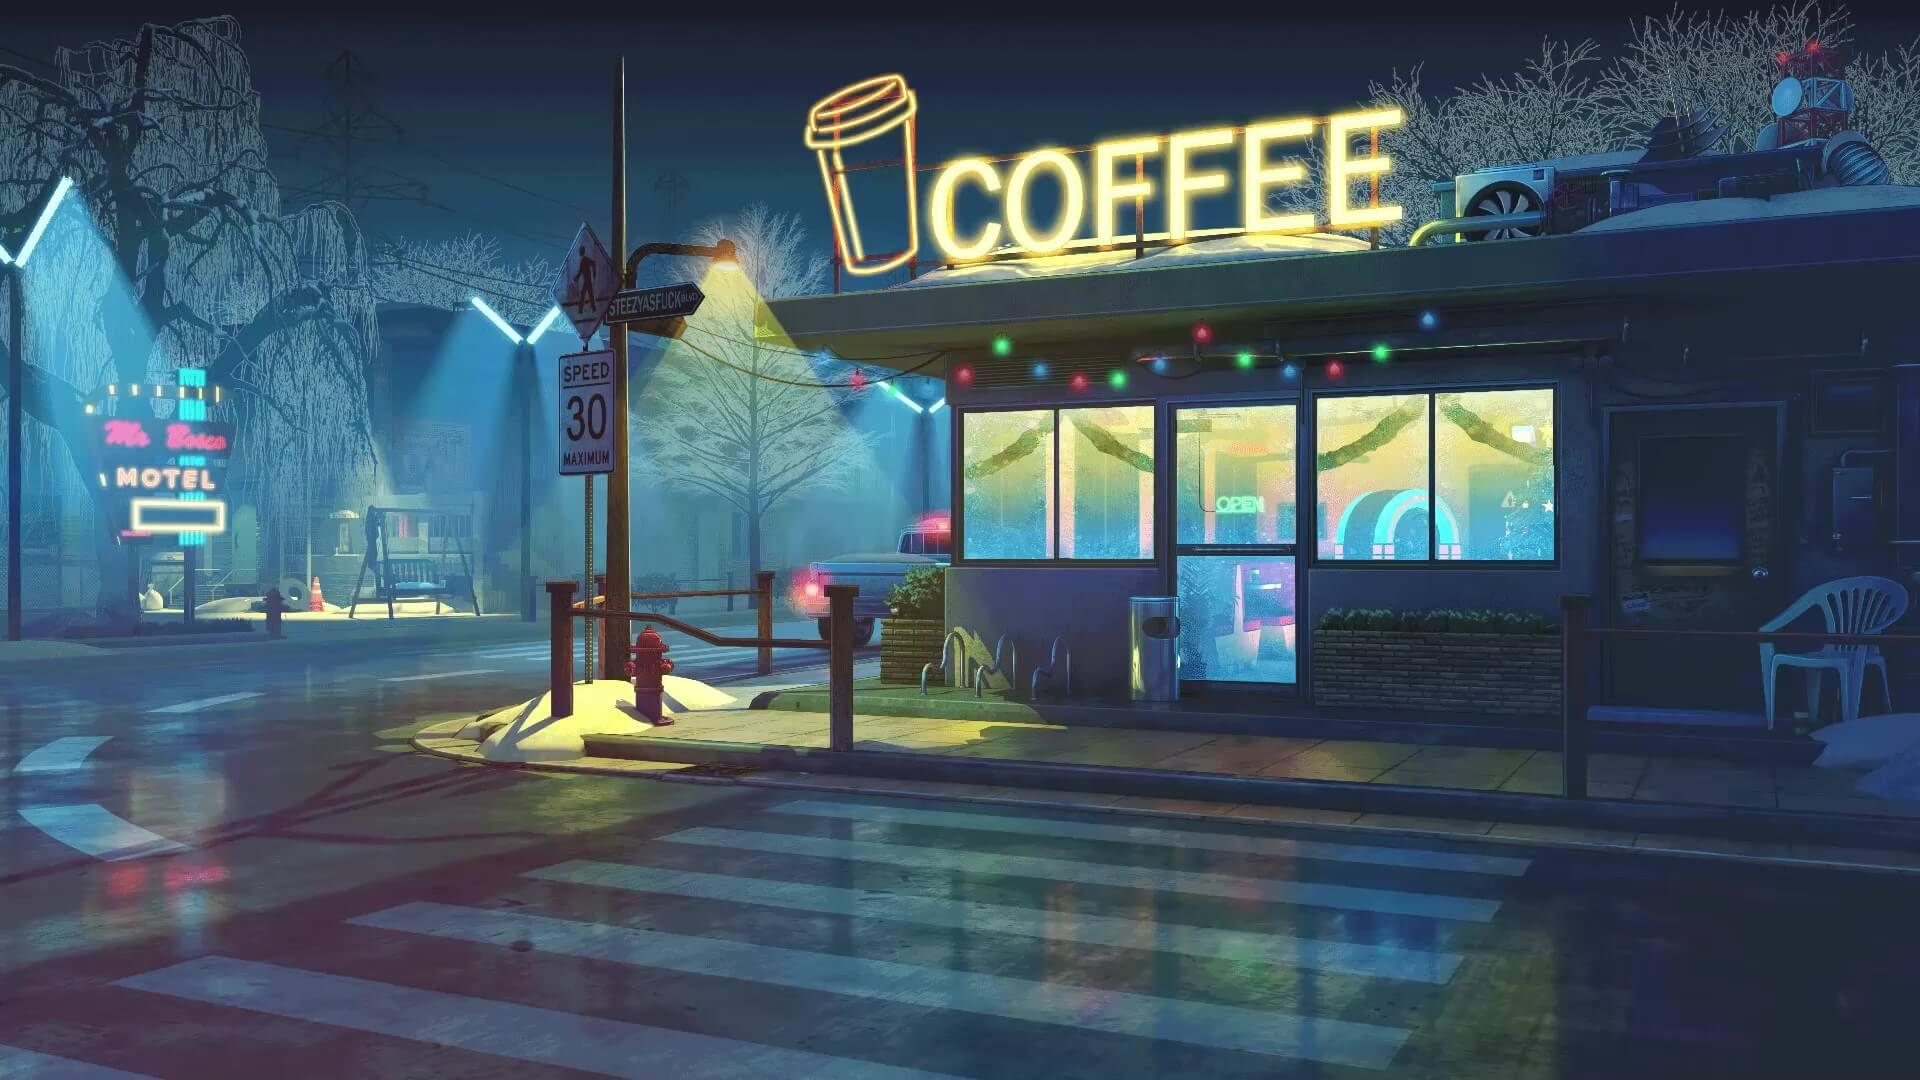 Retro Coffee Shop Live Wallpaper [1920 x 1080] in 2020